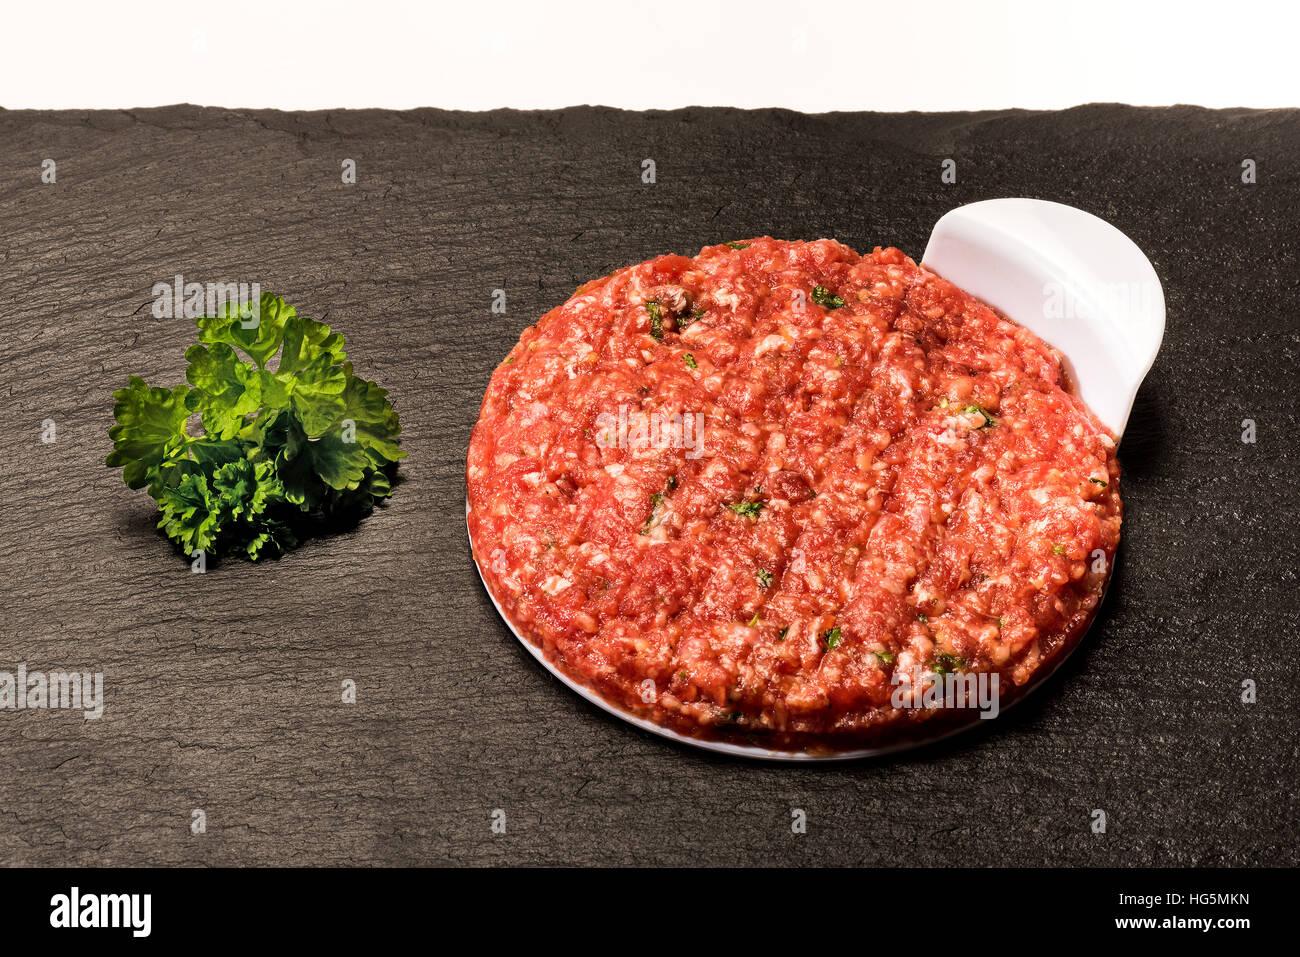 Machen Sie perfekte Hamburger Burger Patty Fleisch. Fast Food, Hambureger, Presse, Zubehör Presse, Stempel, Stockbild